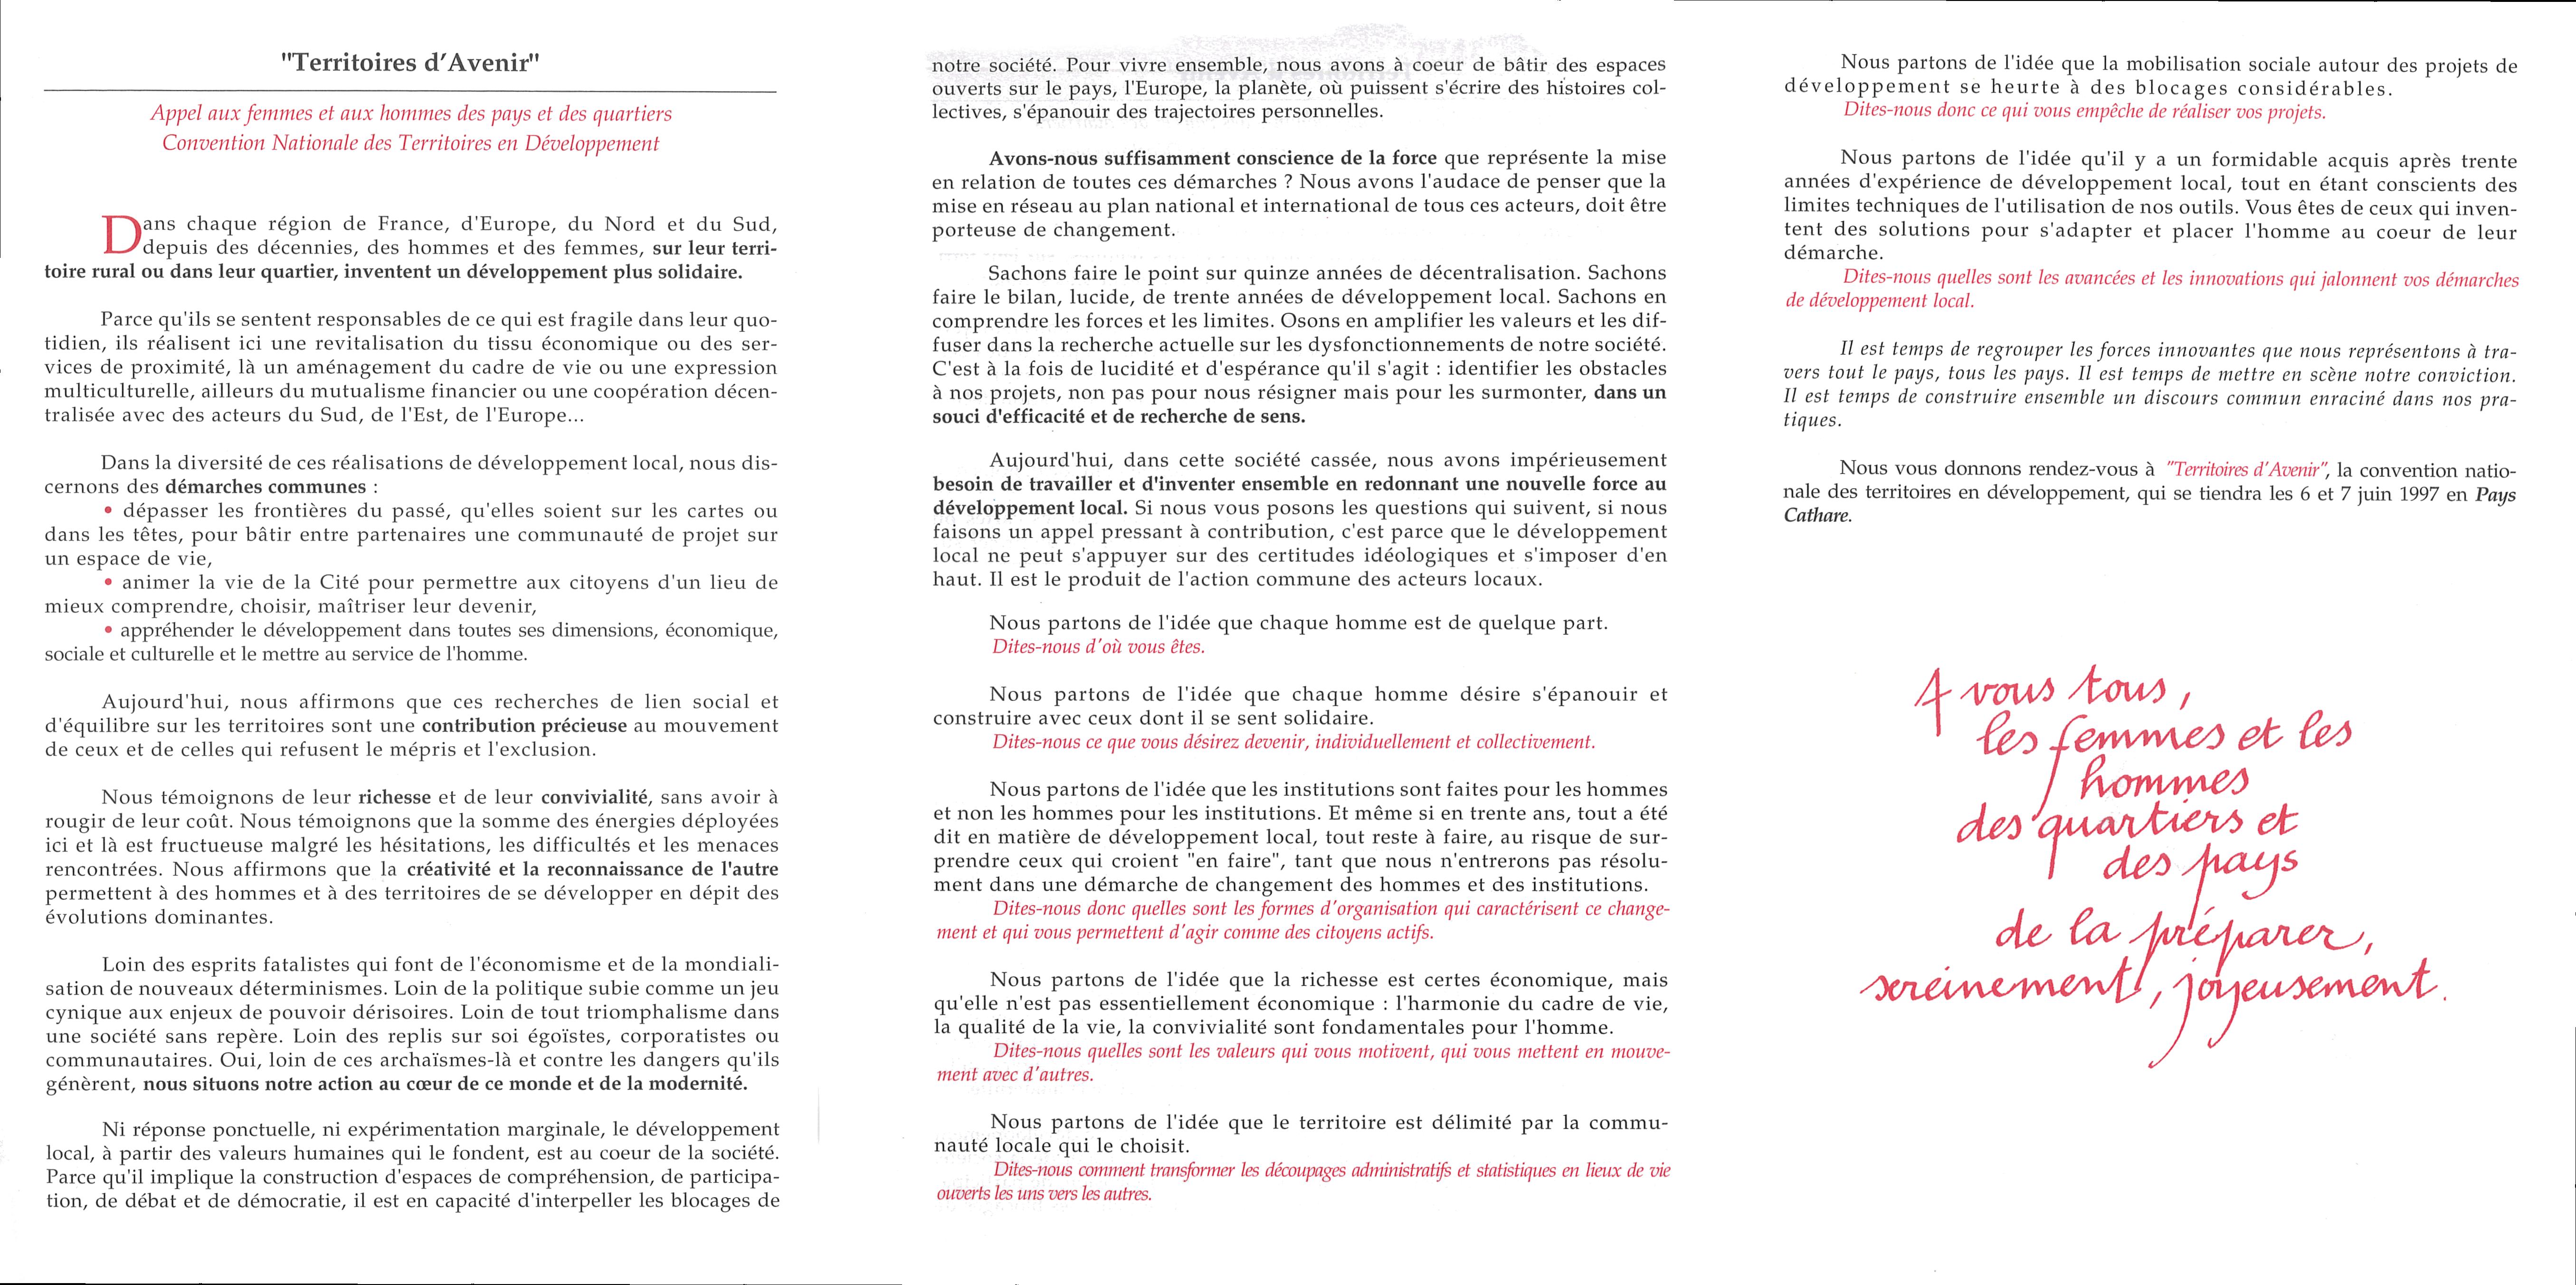 Manifeste de Carcassonne Territoires d'Avenir